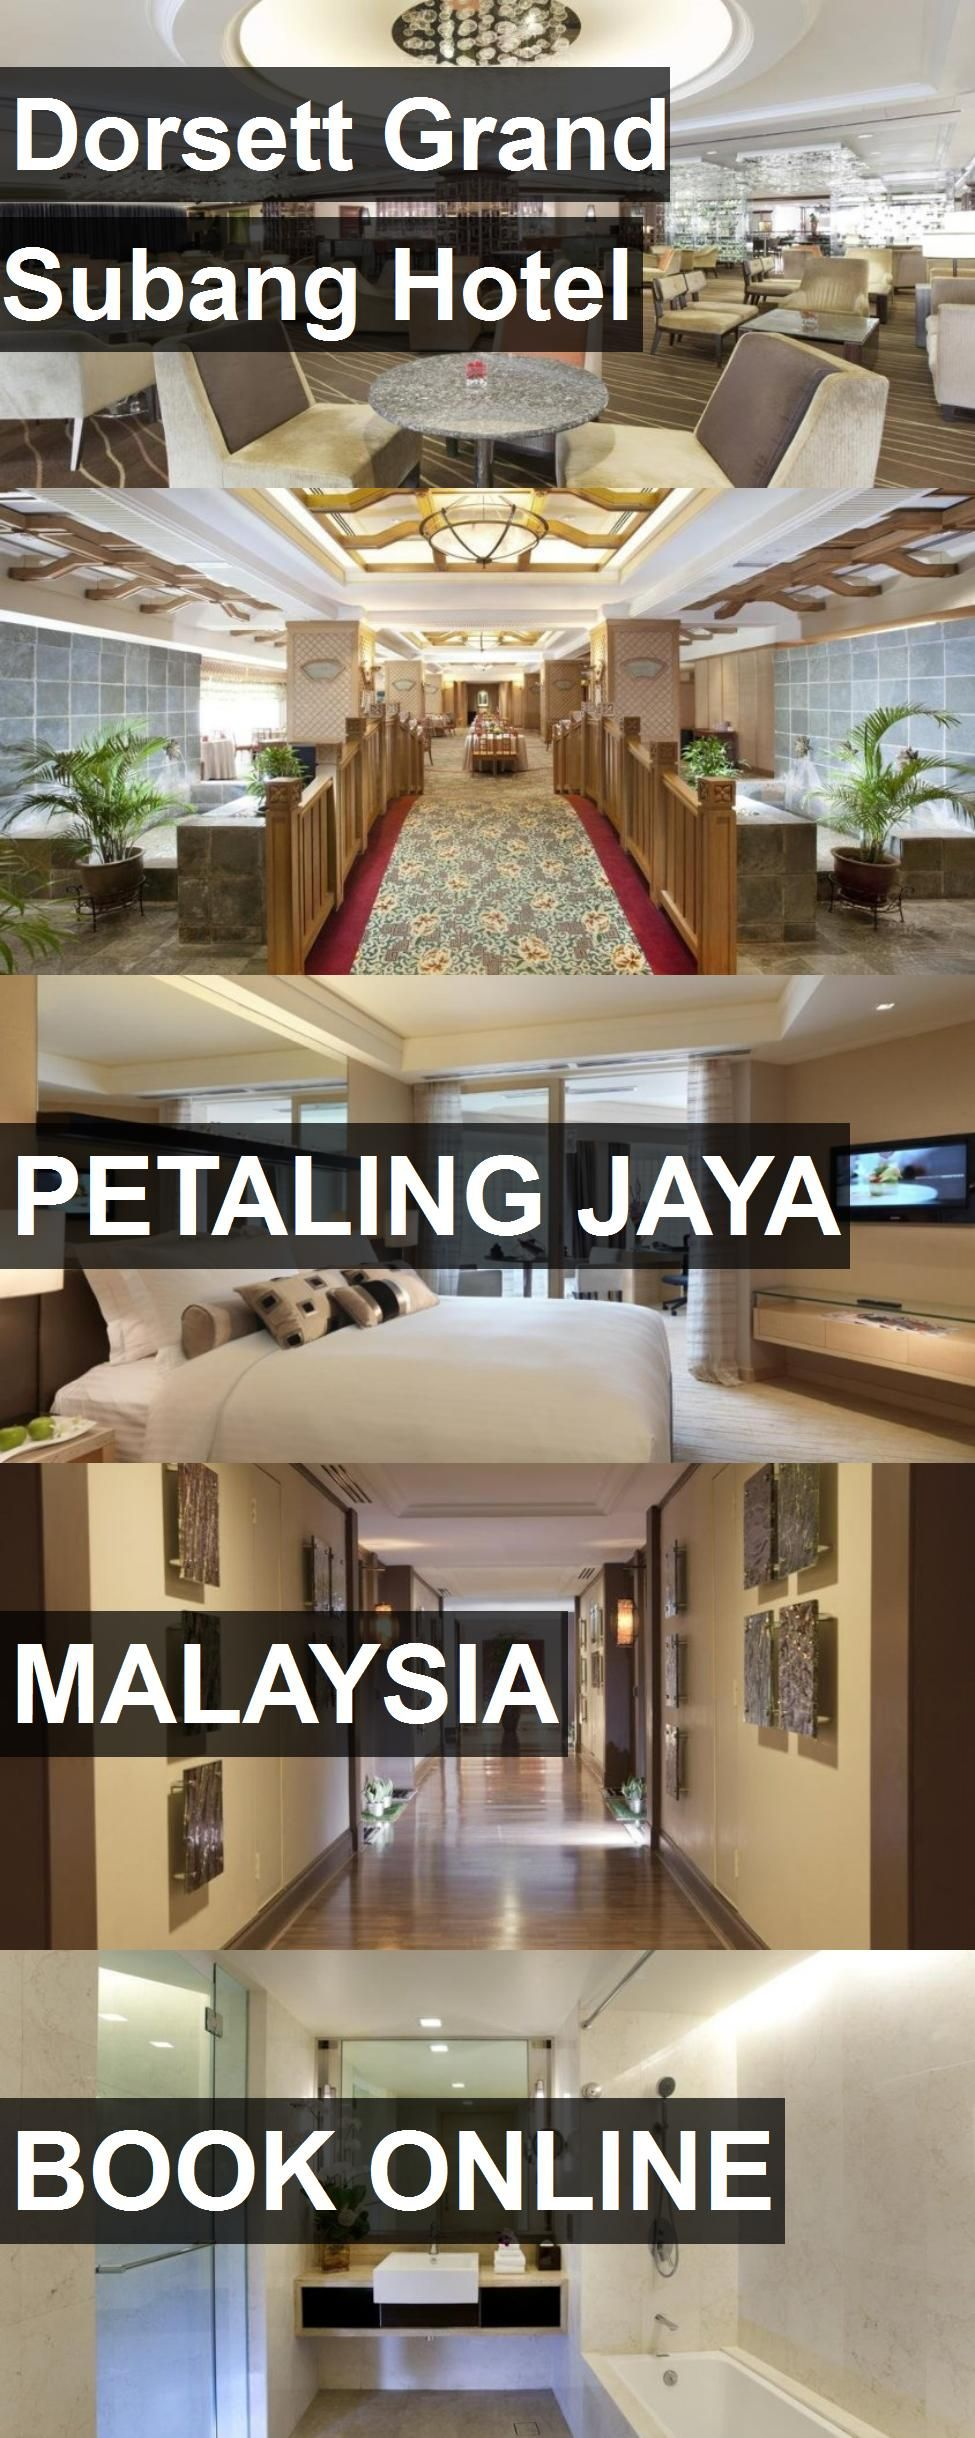 Dorsett Grand Subang Hotel In Petaling Jaya Malaysia For More